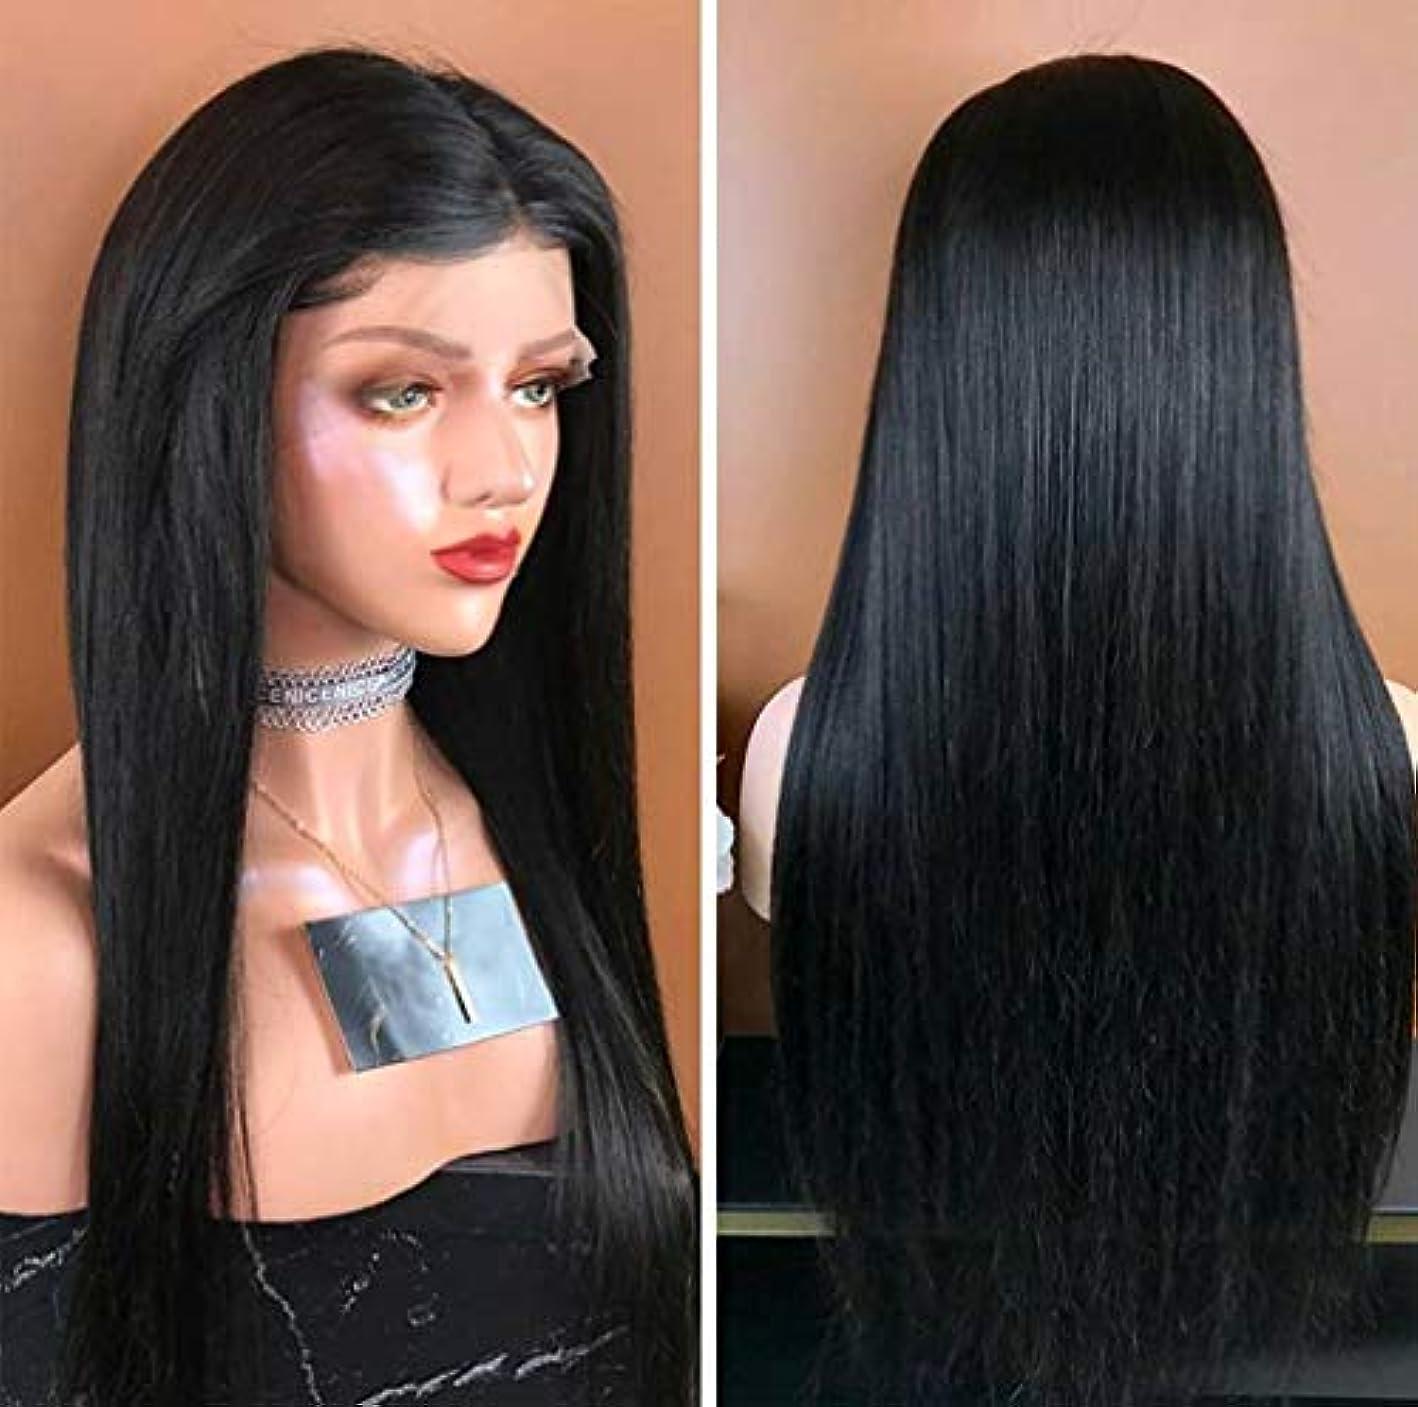 増幅非アクティブ解釈する女性360フルレースかつらブラジルバージンストレート人間の髪グルーレスショート人間の髪かつらベビーヘアショートレースかつら調節可能なストラップ